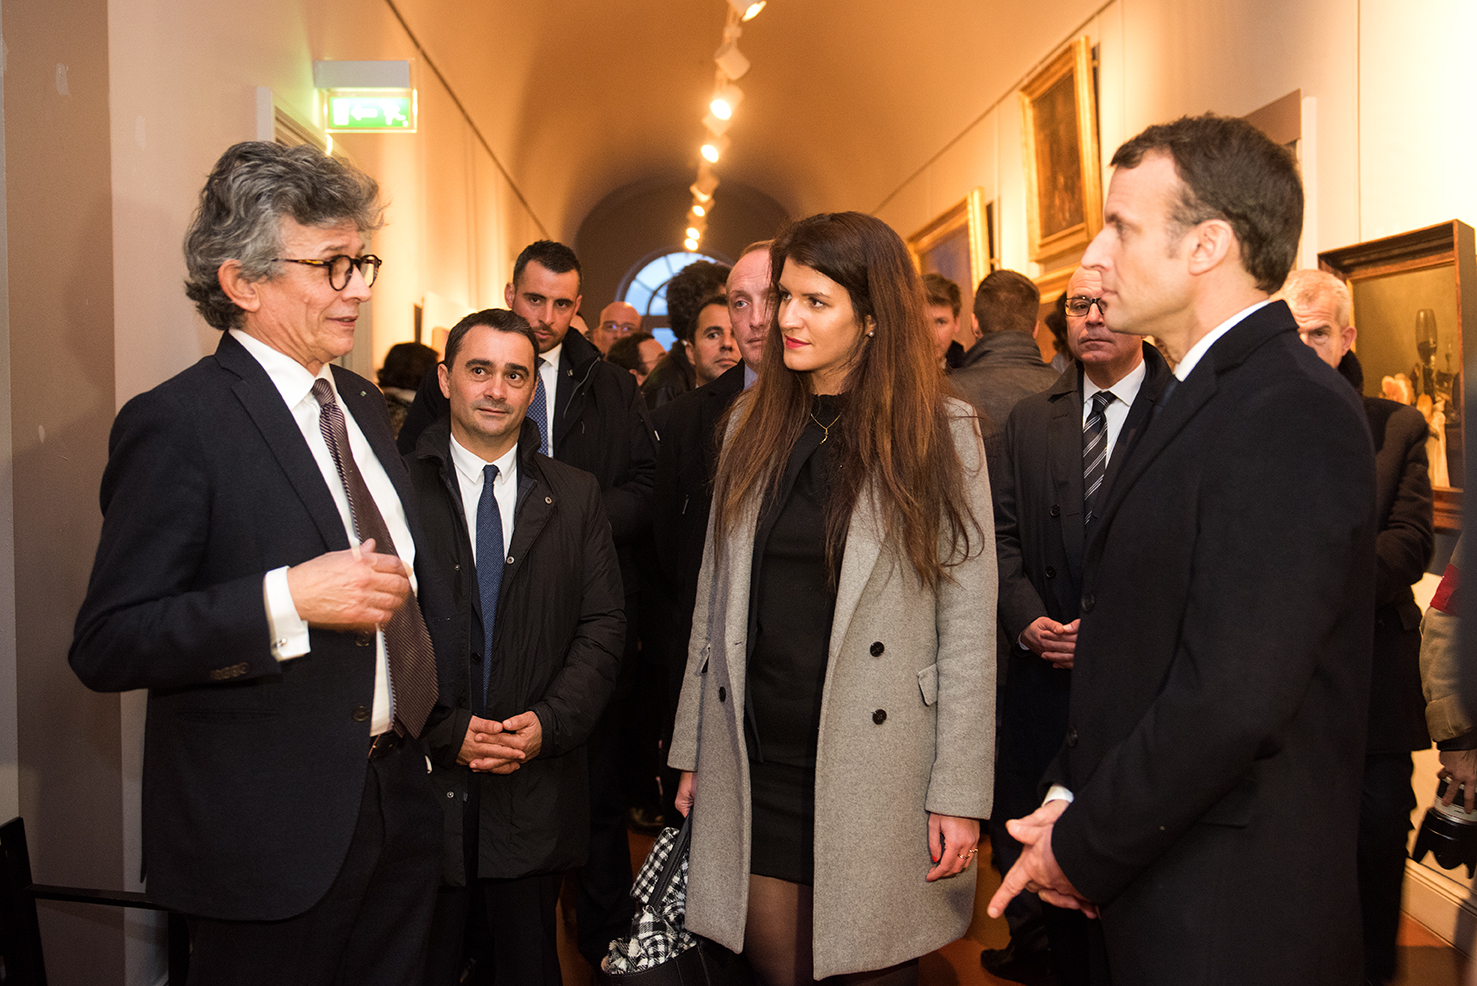 De gauche à droite : Philippe Costamagna, directeur conservateur du Palais Fesch, Stéphane Sbraggia, 1er adjoint de la Ville d'Ajaccio, Marlène Schiappa, secréatire d'Etat, Emmanuel Macron.